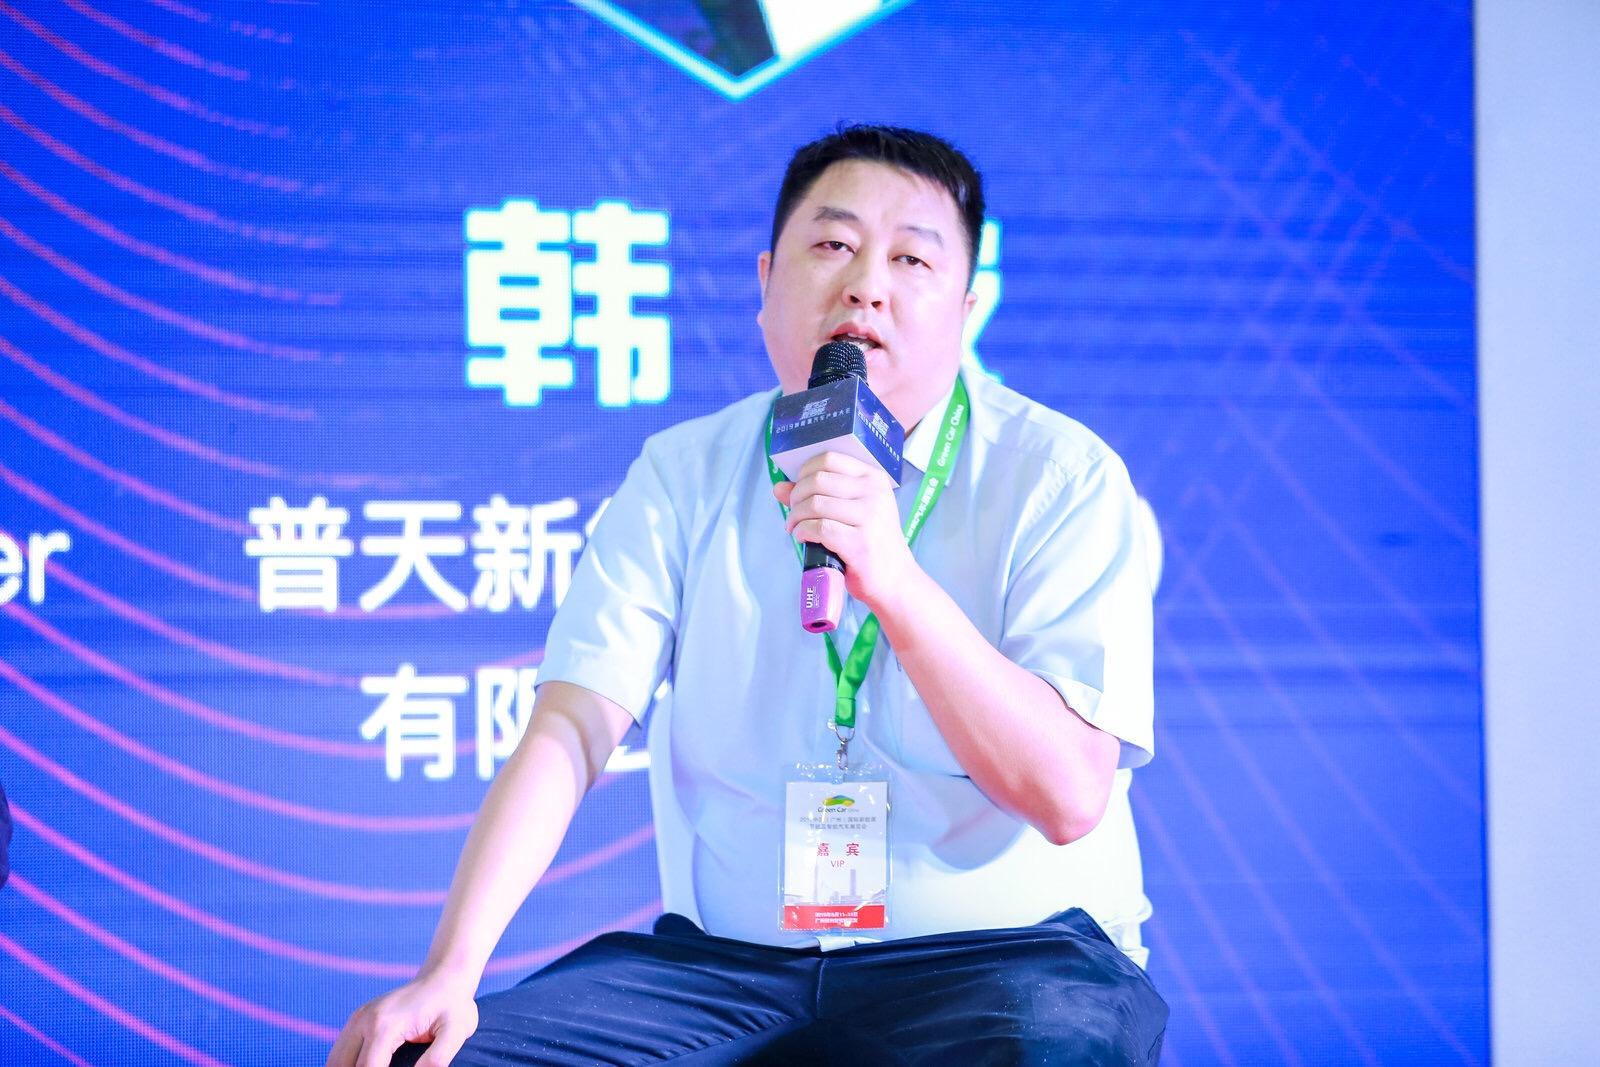 普天新能源深圳总经理韩波